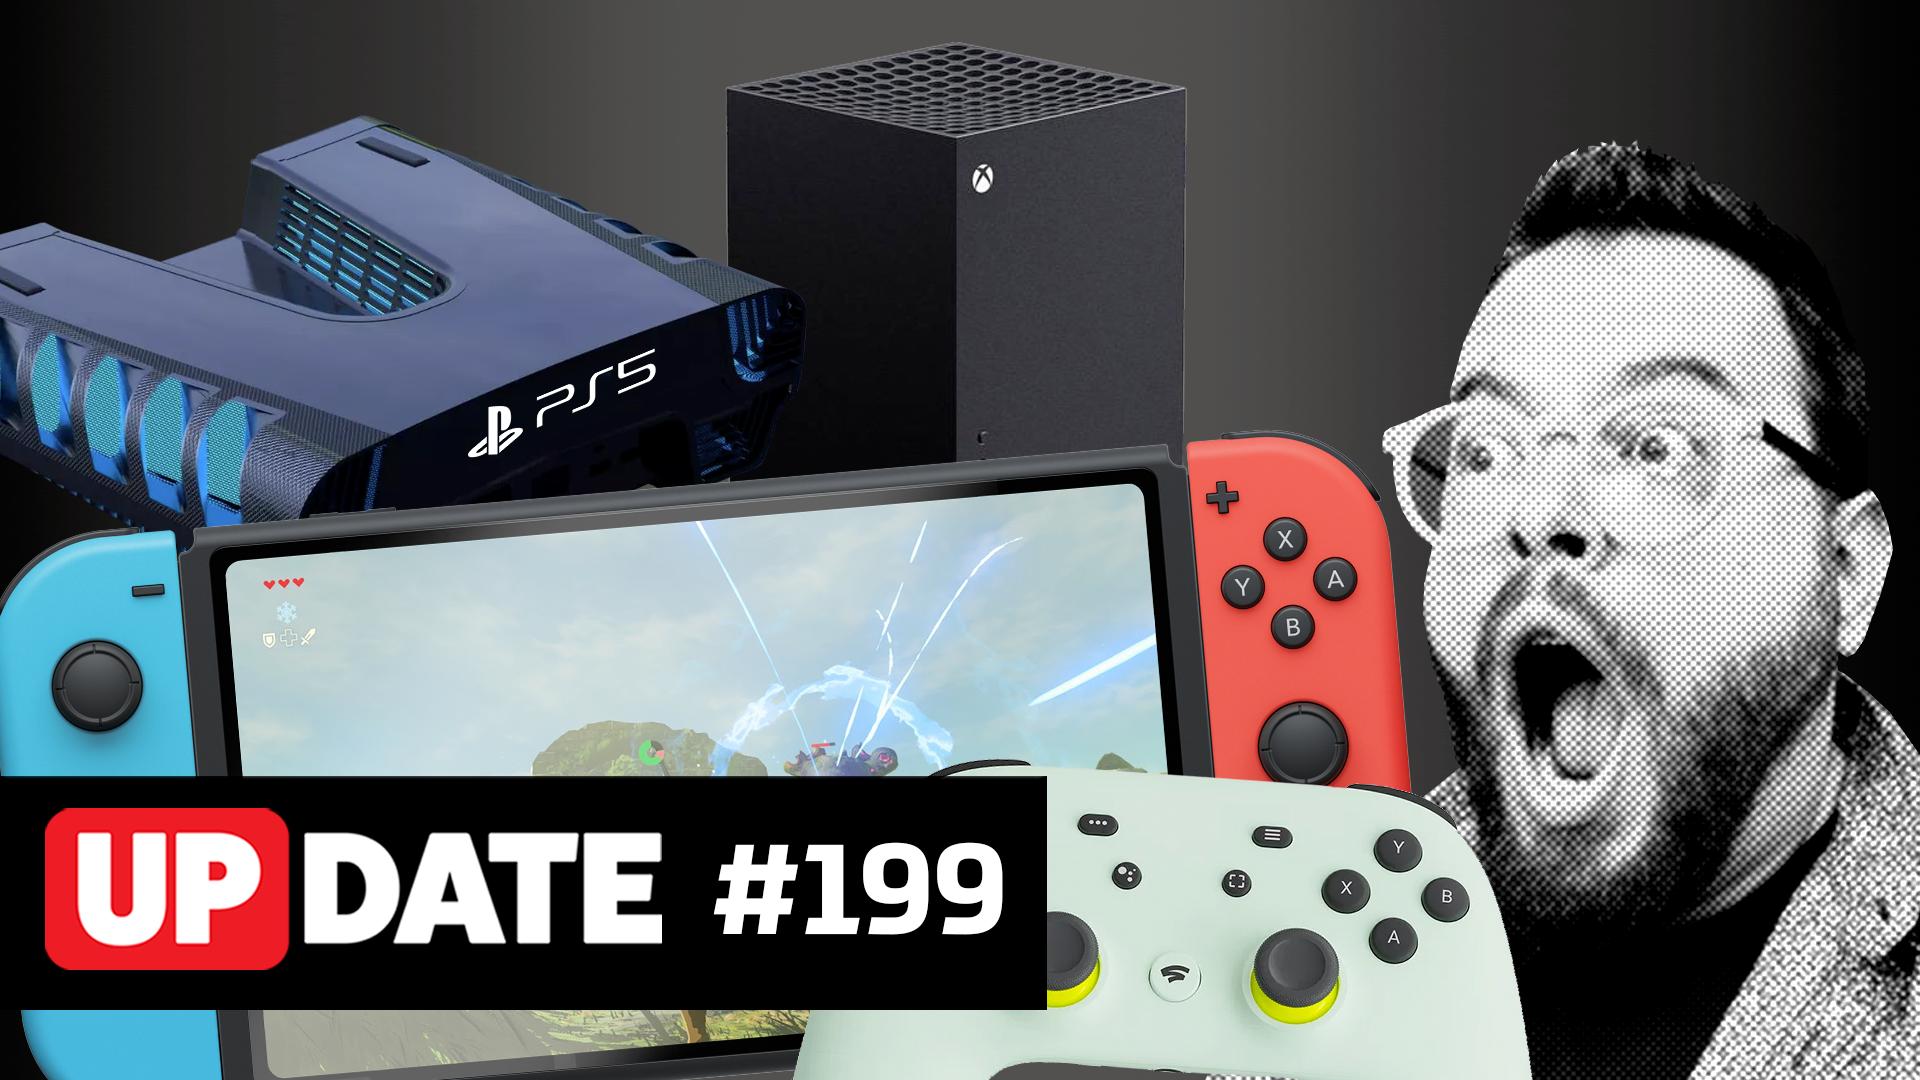 Update 199 – Nova geração de consoles